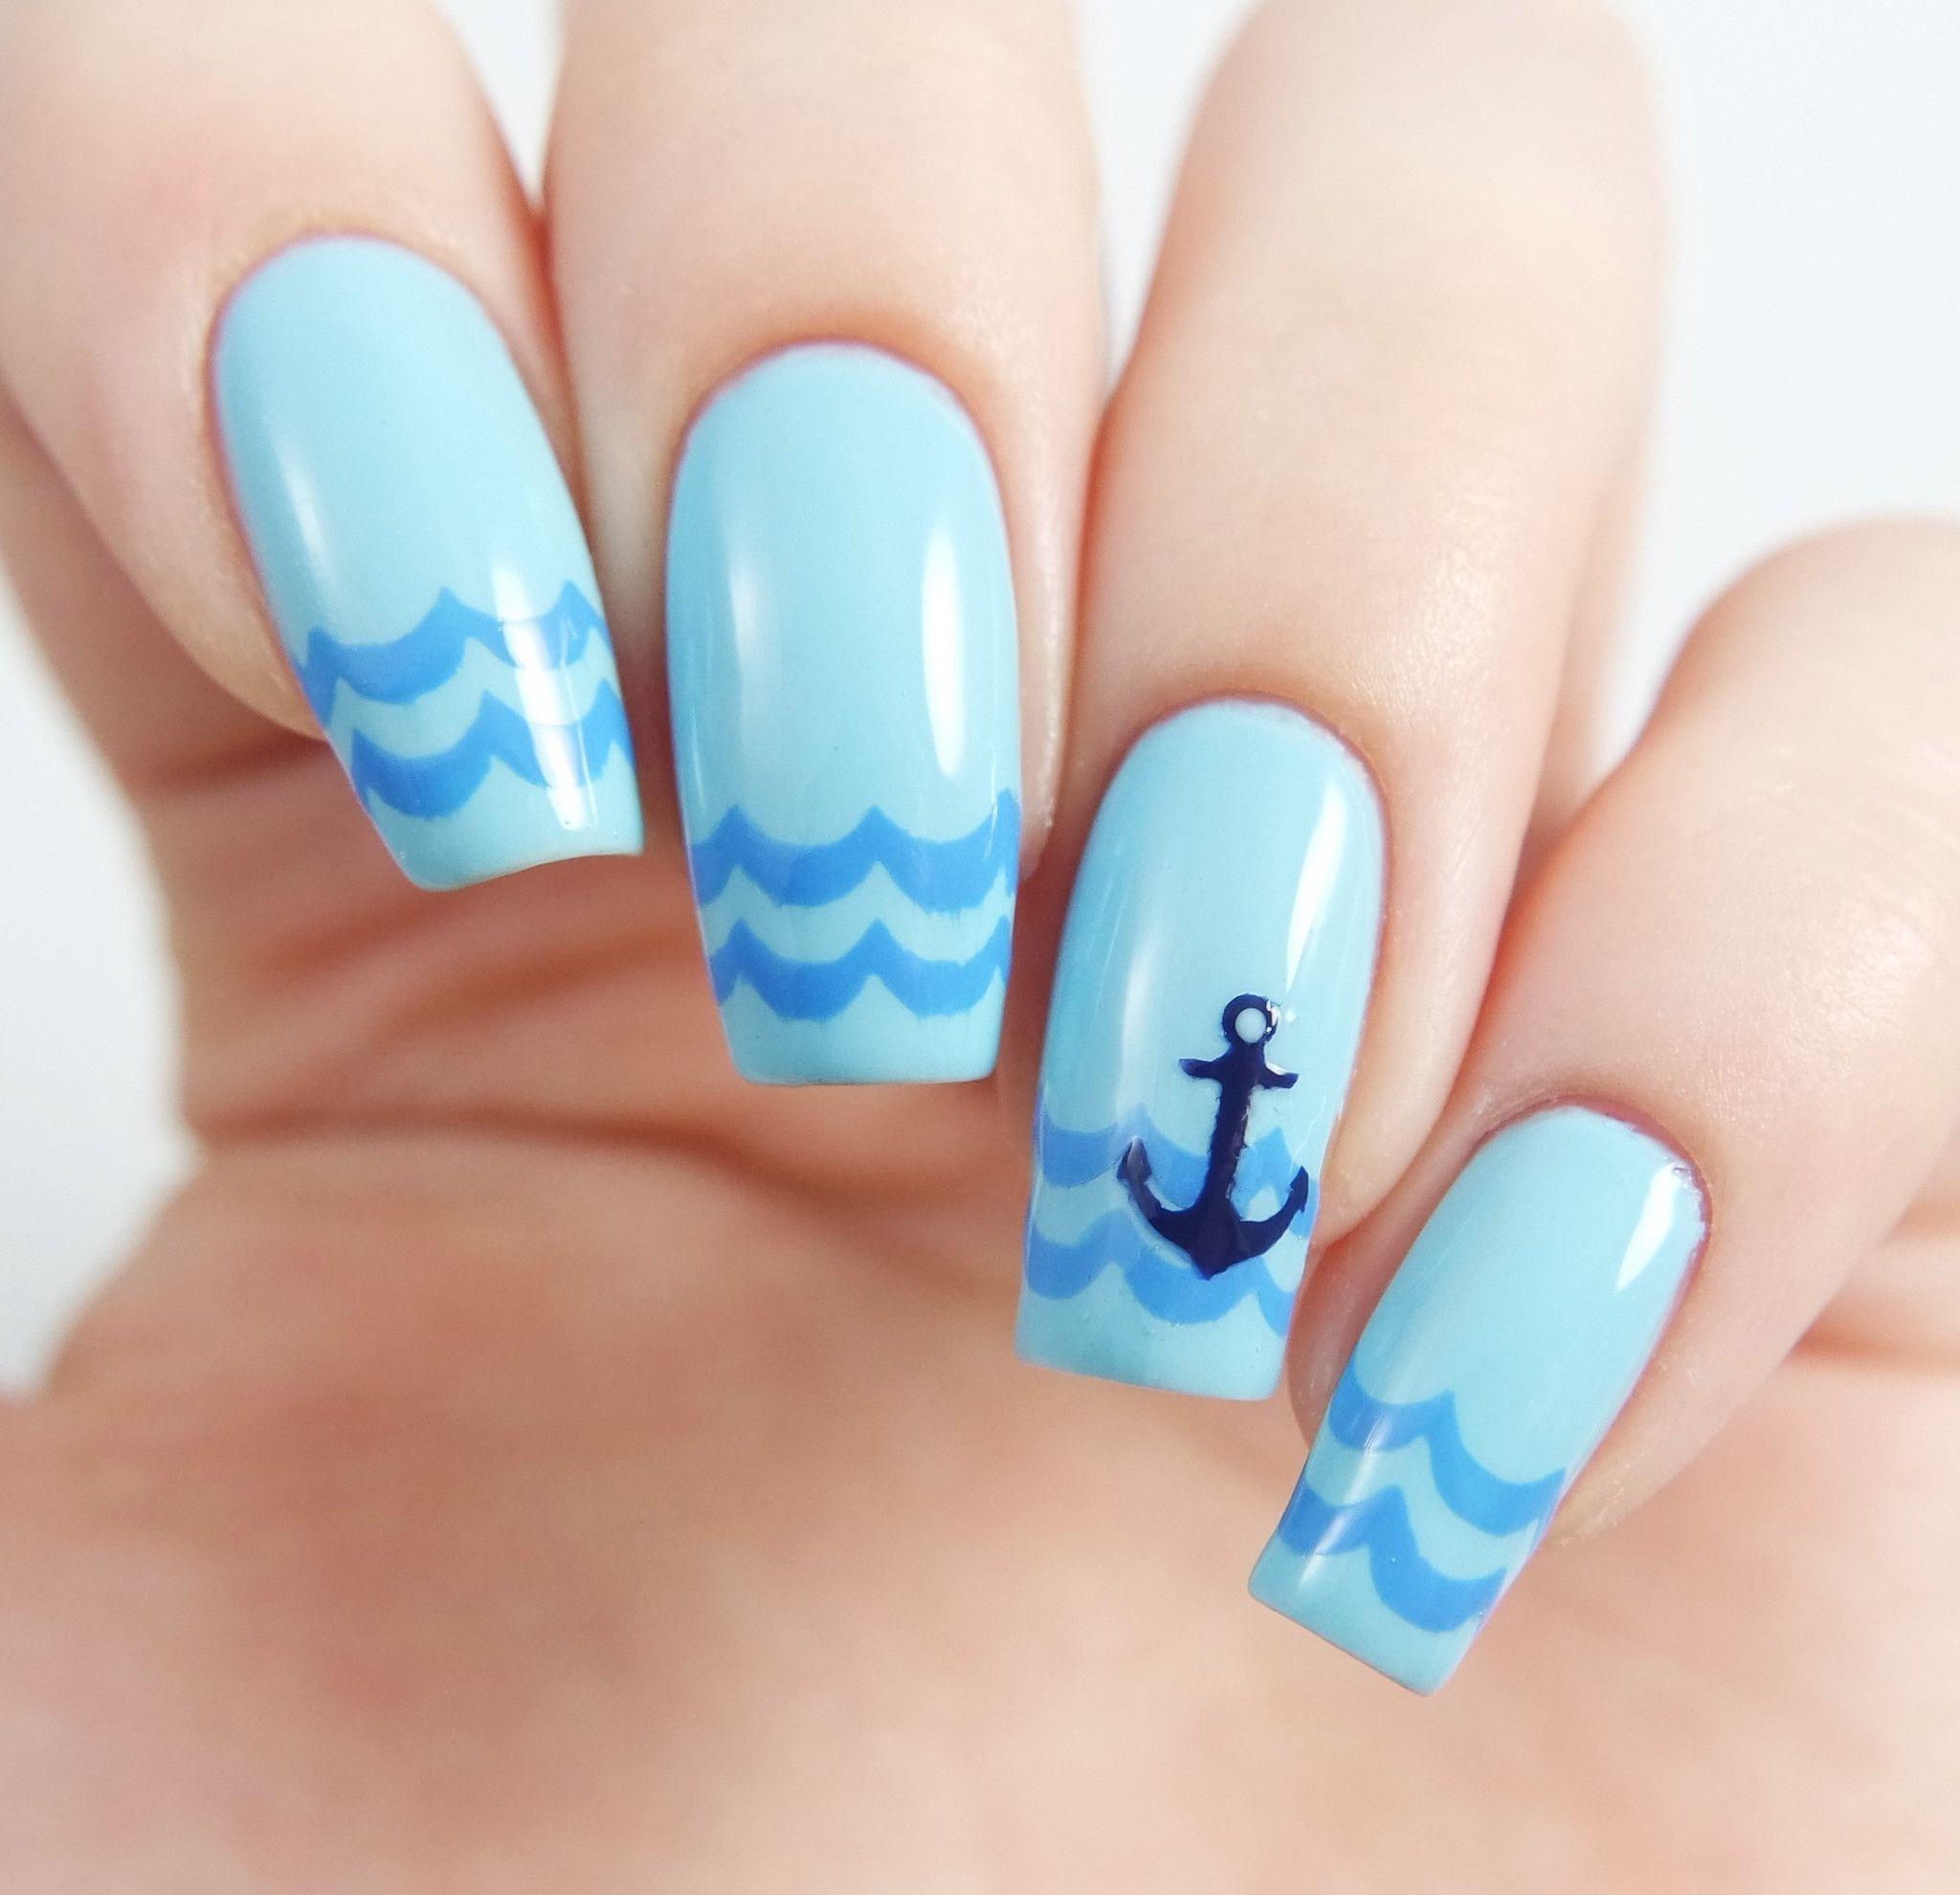 Anchor Nail Decal/ Nail Stencils | Anchor nails, Nail stencils and ...